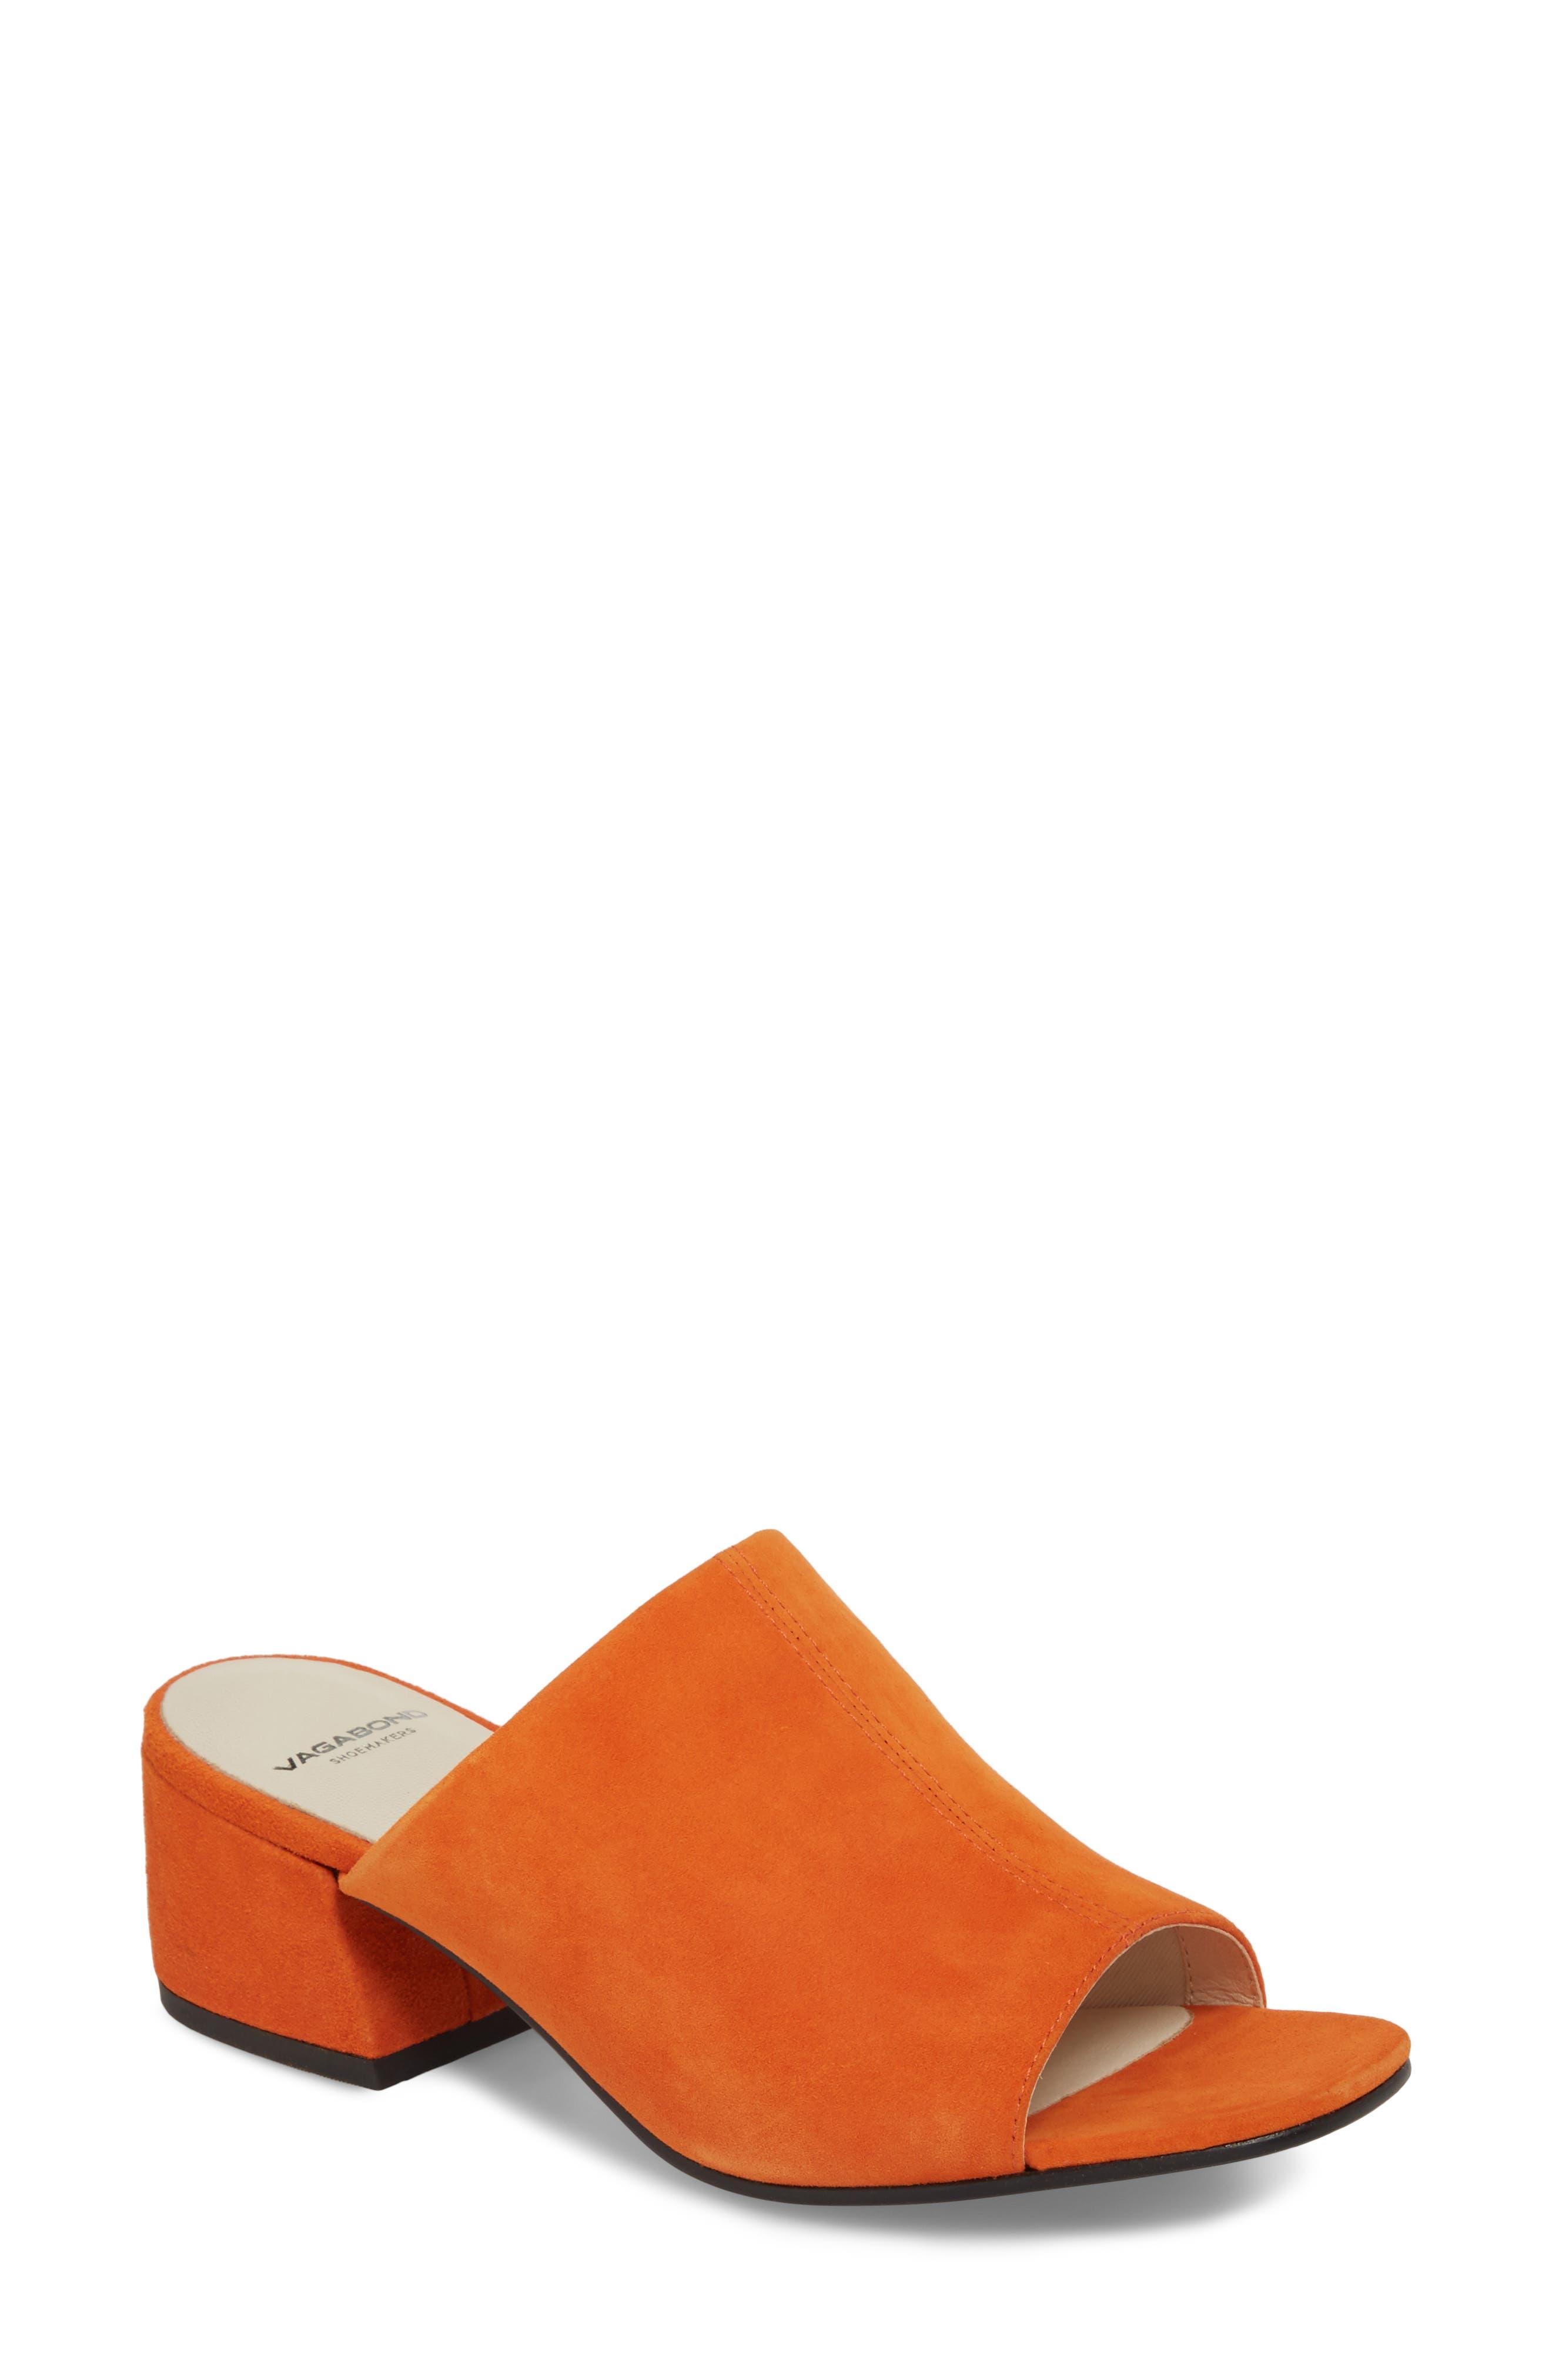 Vagabond Shoemakers Saide Slide Sandal, Orange